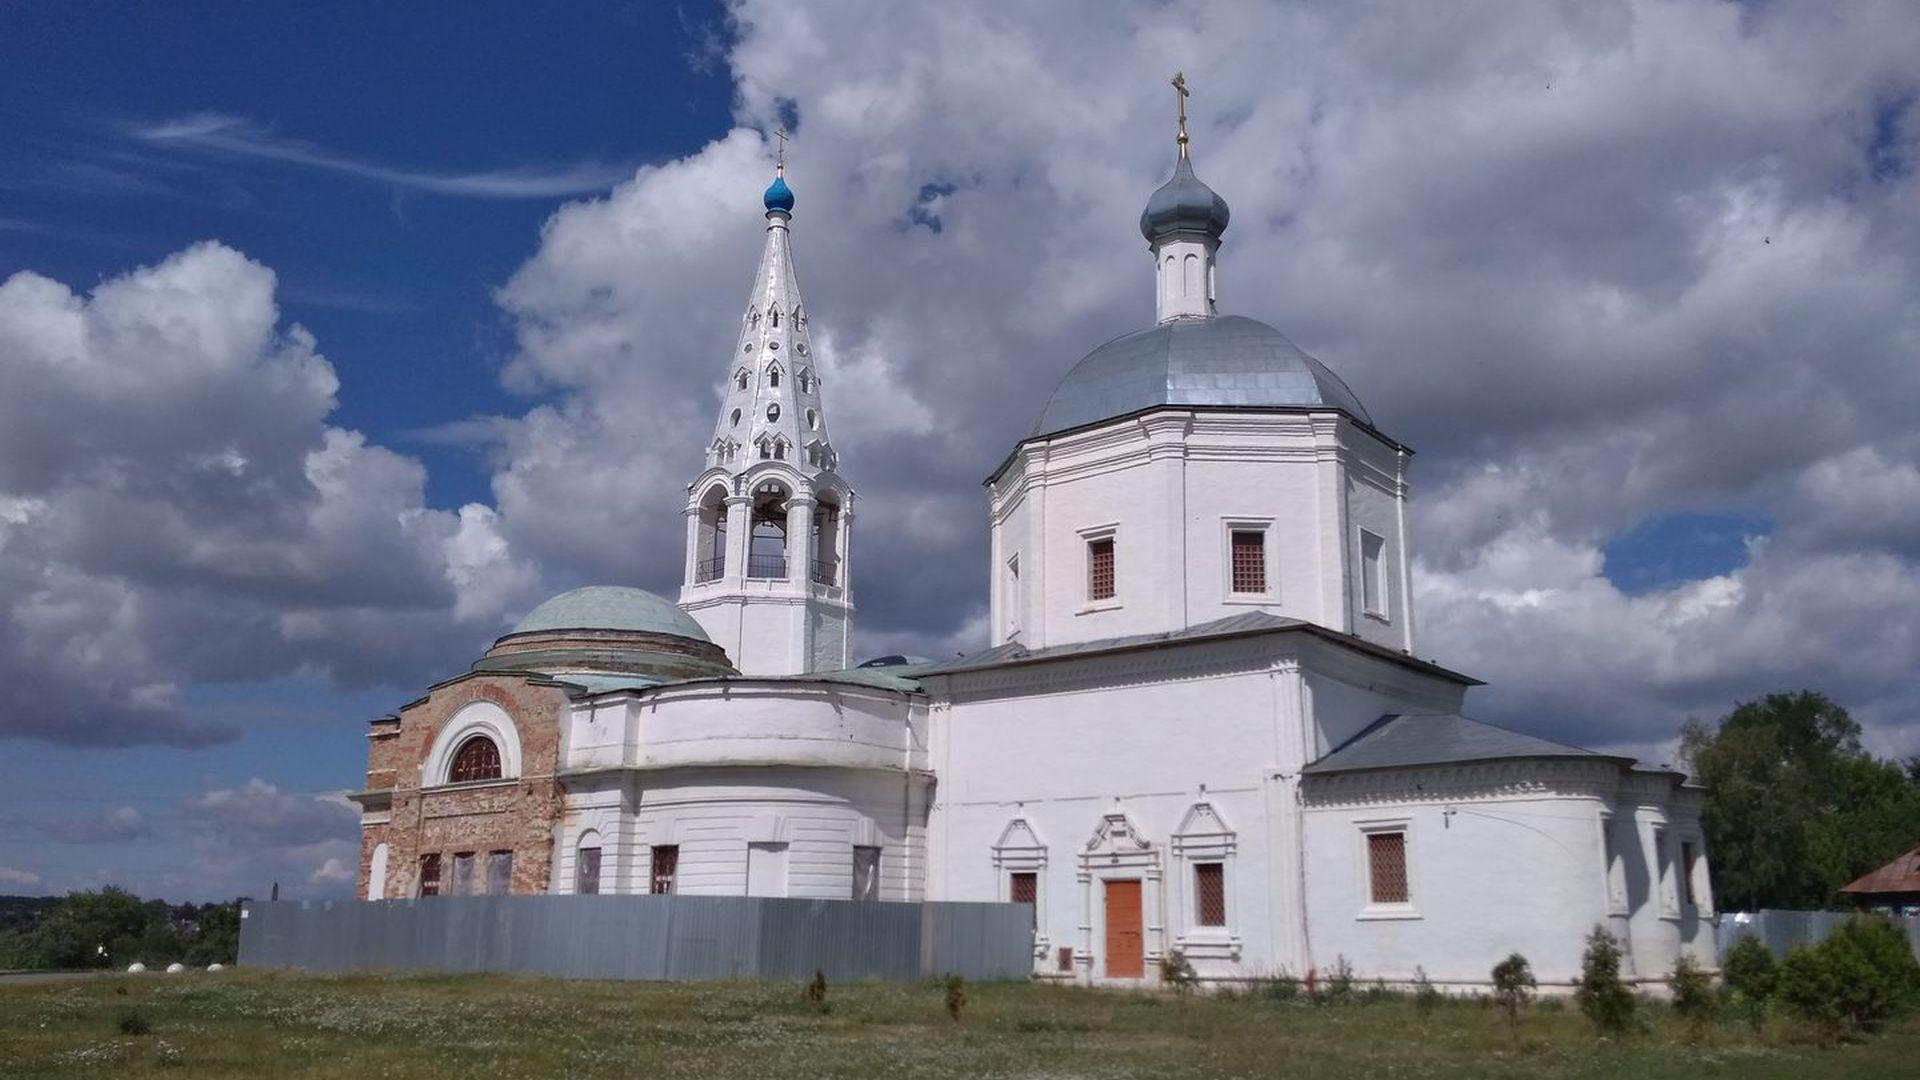 Серпухов: прогулка по одному из самых недооцененных городов Подмосковья